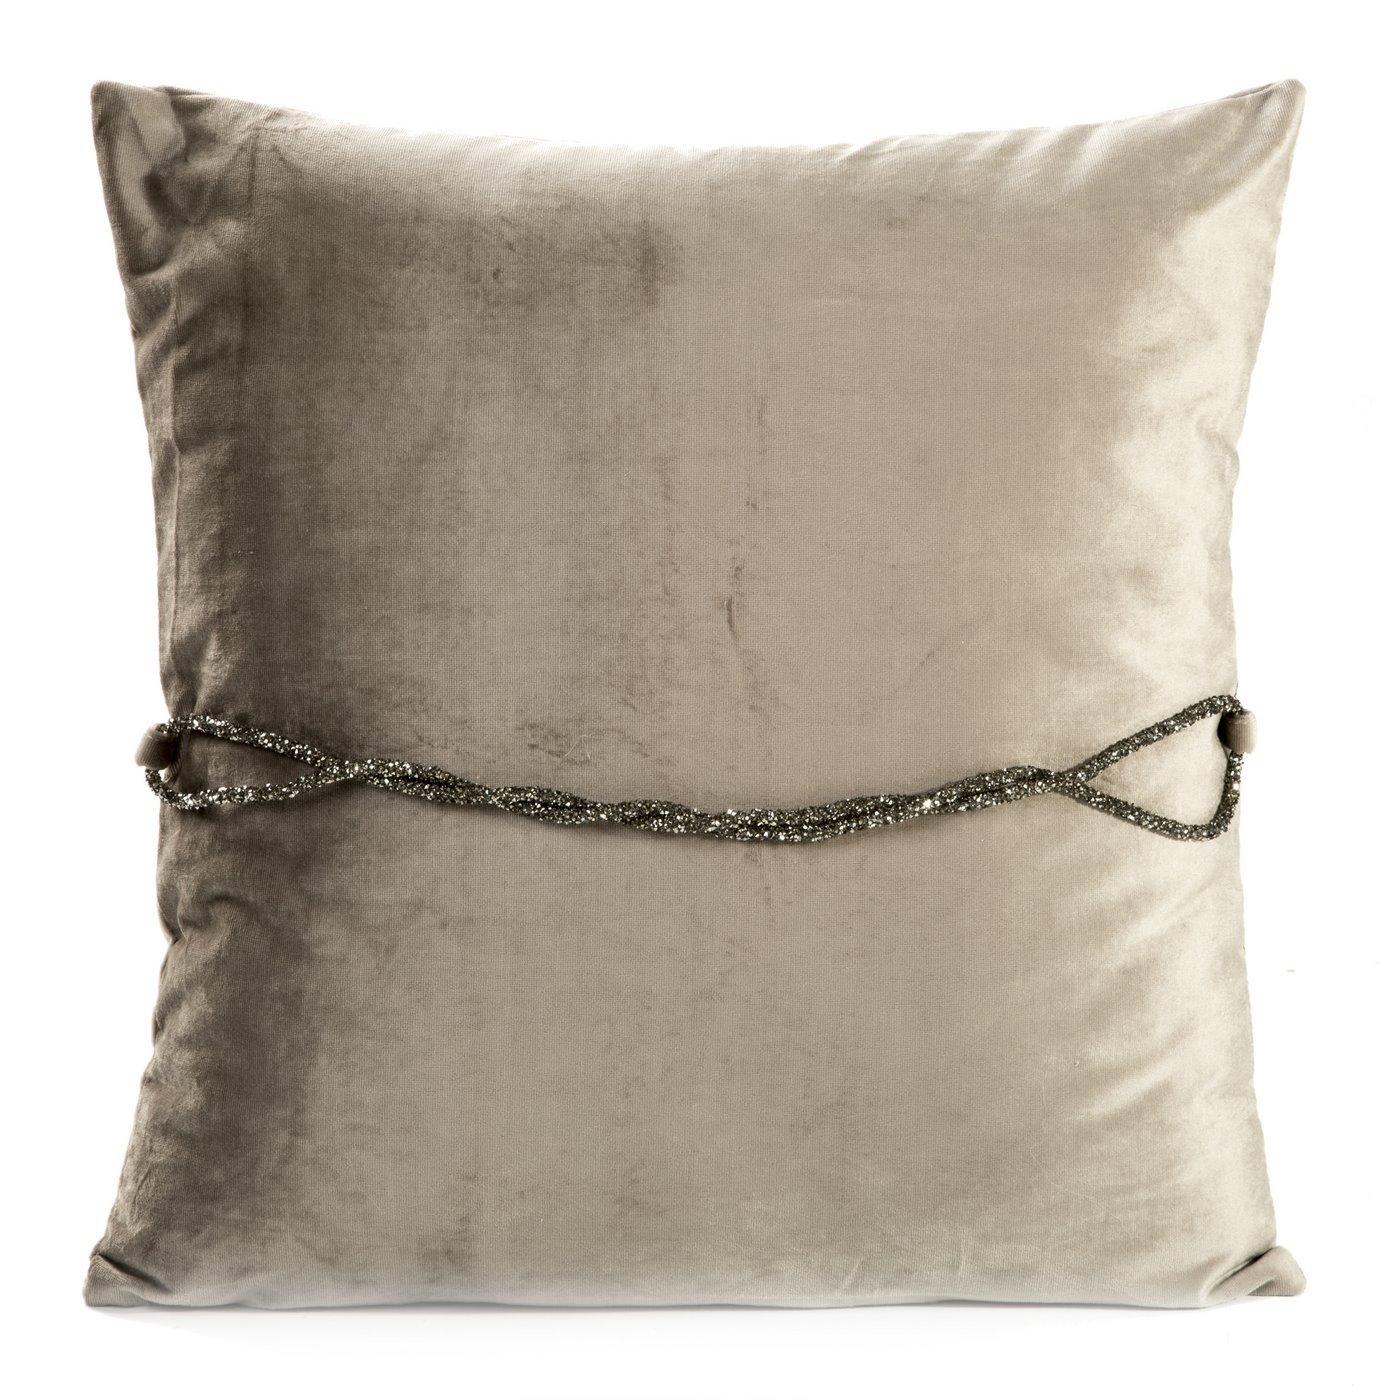 Poszewka na poduszkę 45 x 45 cm beżowa ze srebrnym paskiem